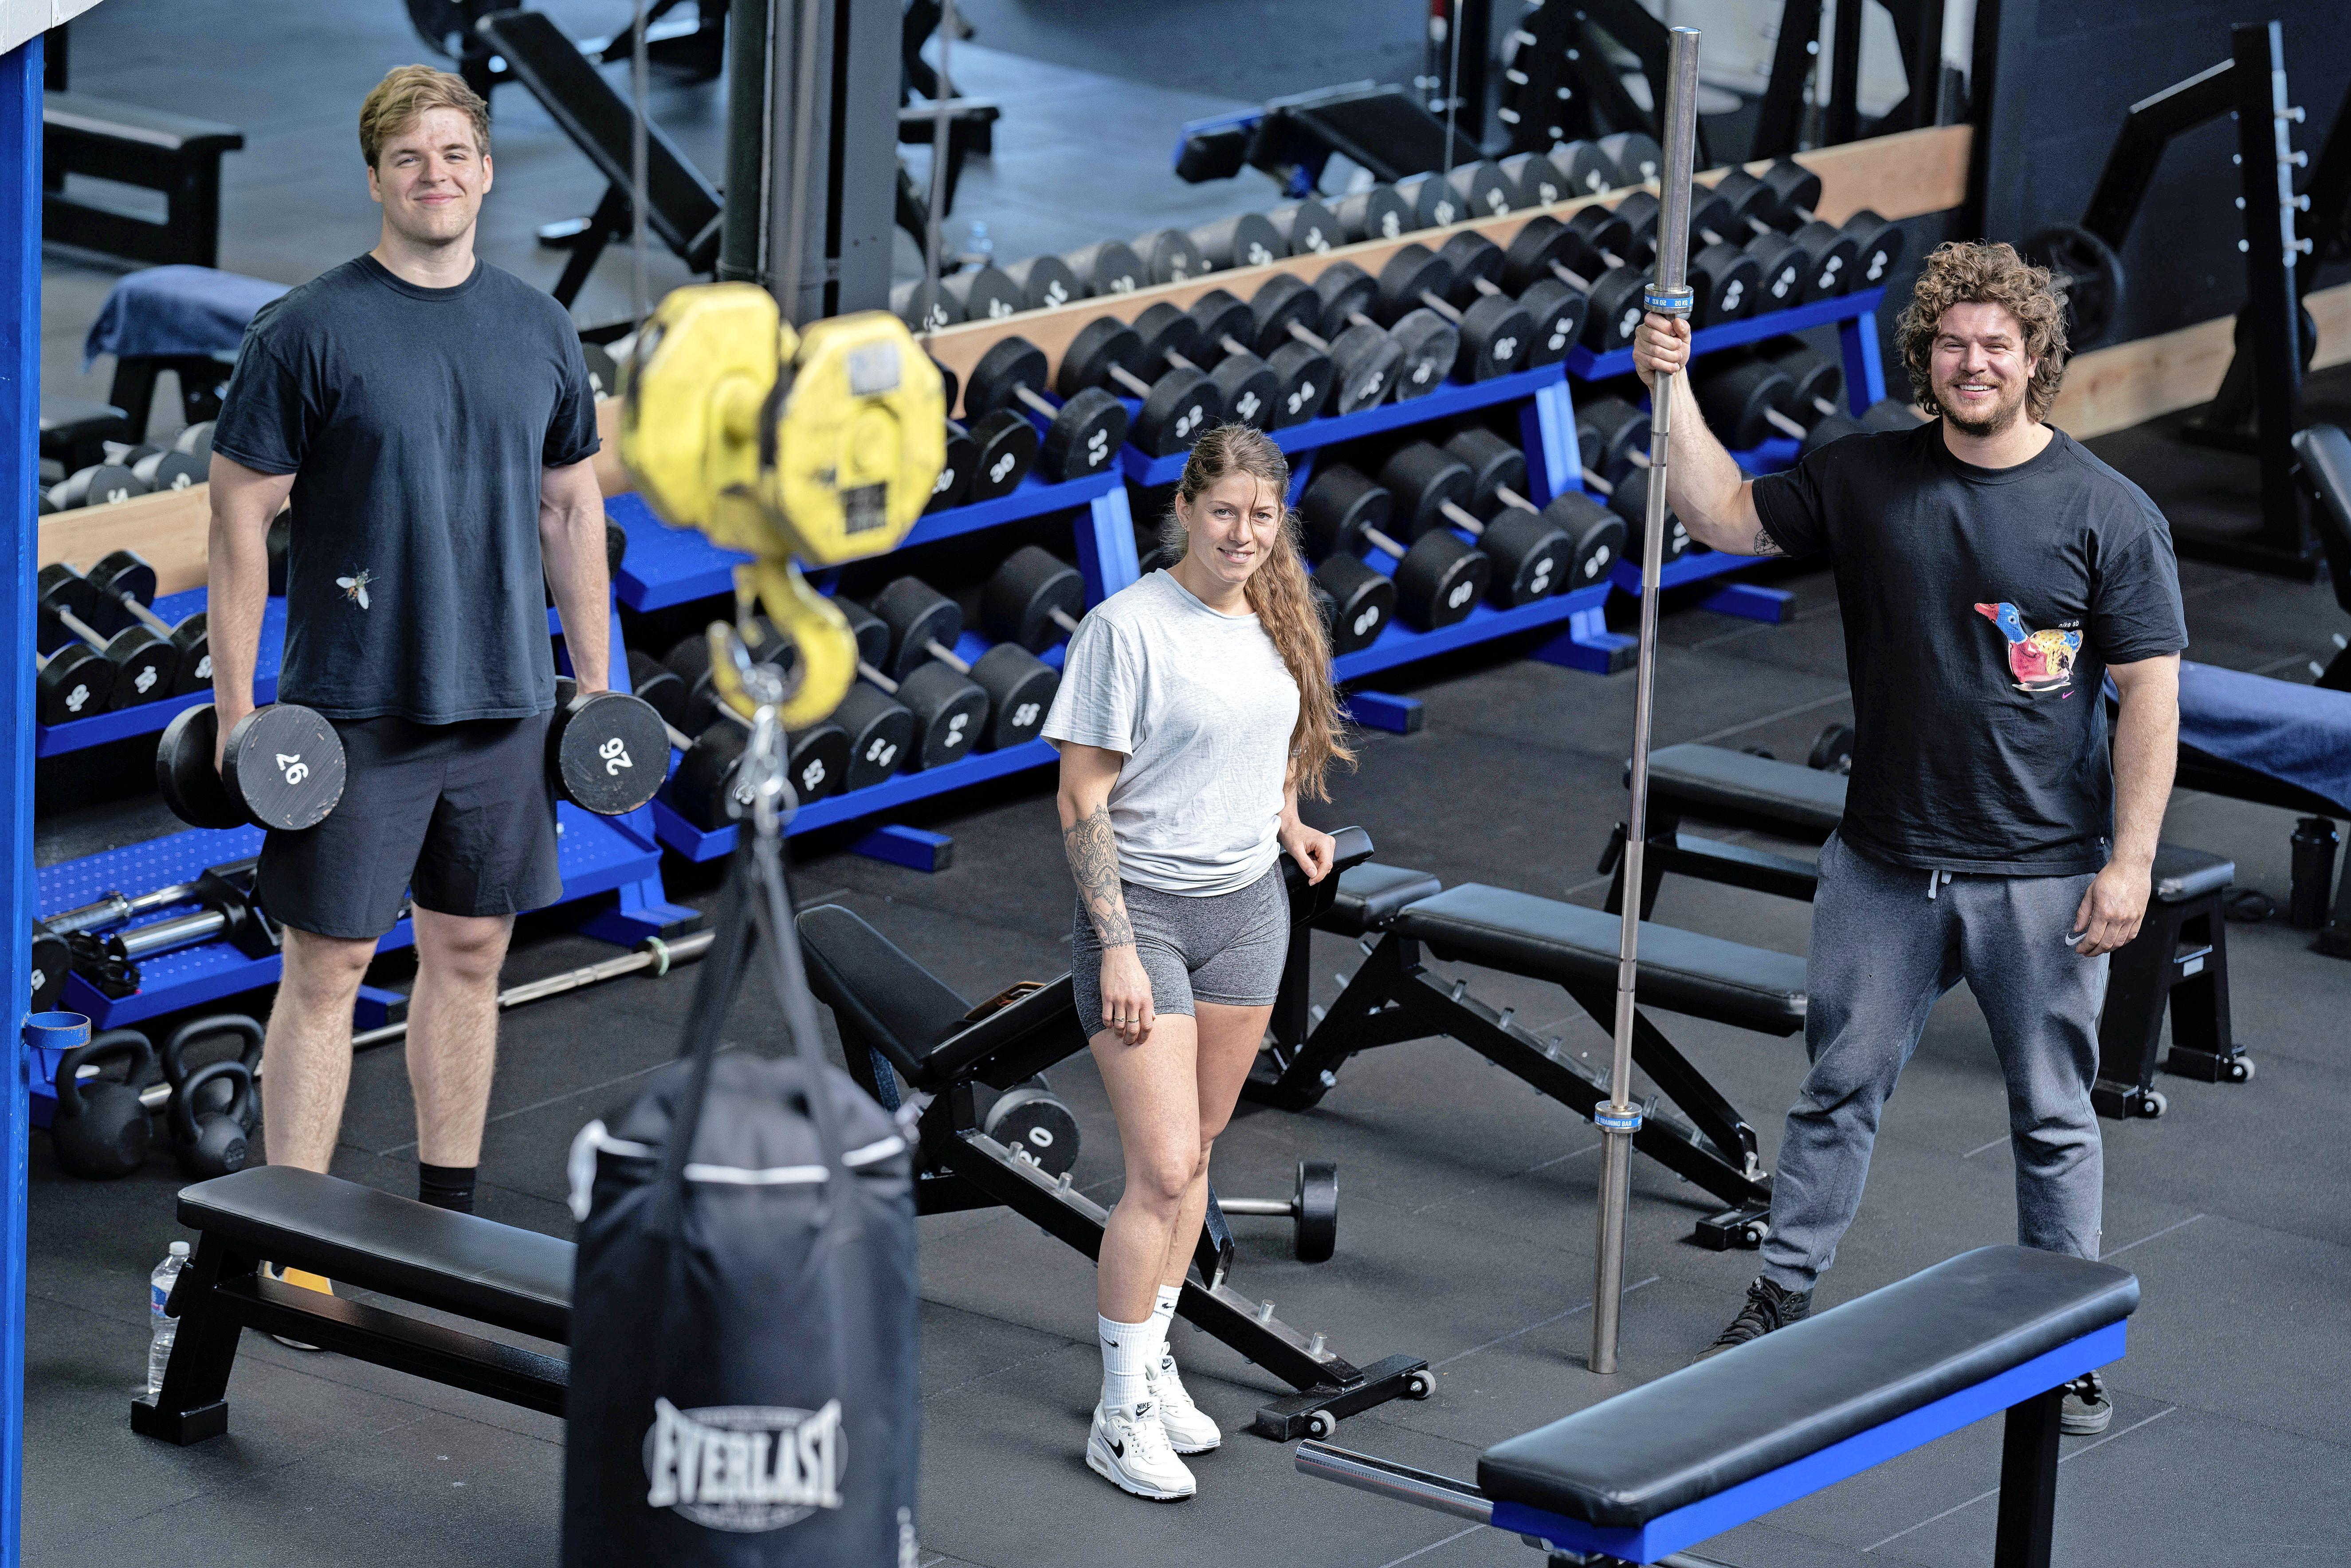 Er is een nieuwe sportschool in Anna Paulowna, 'Bassies Halterclub'. Net begonnen en meteen succesvol. 'We creëren hier een community, iedereen motiveert elkaar'